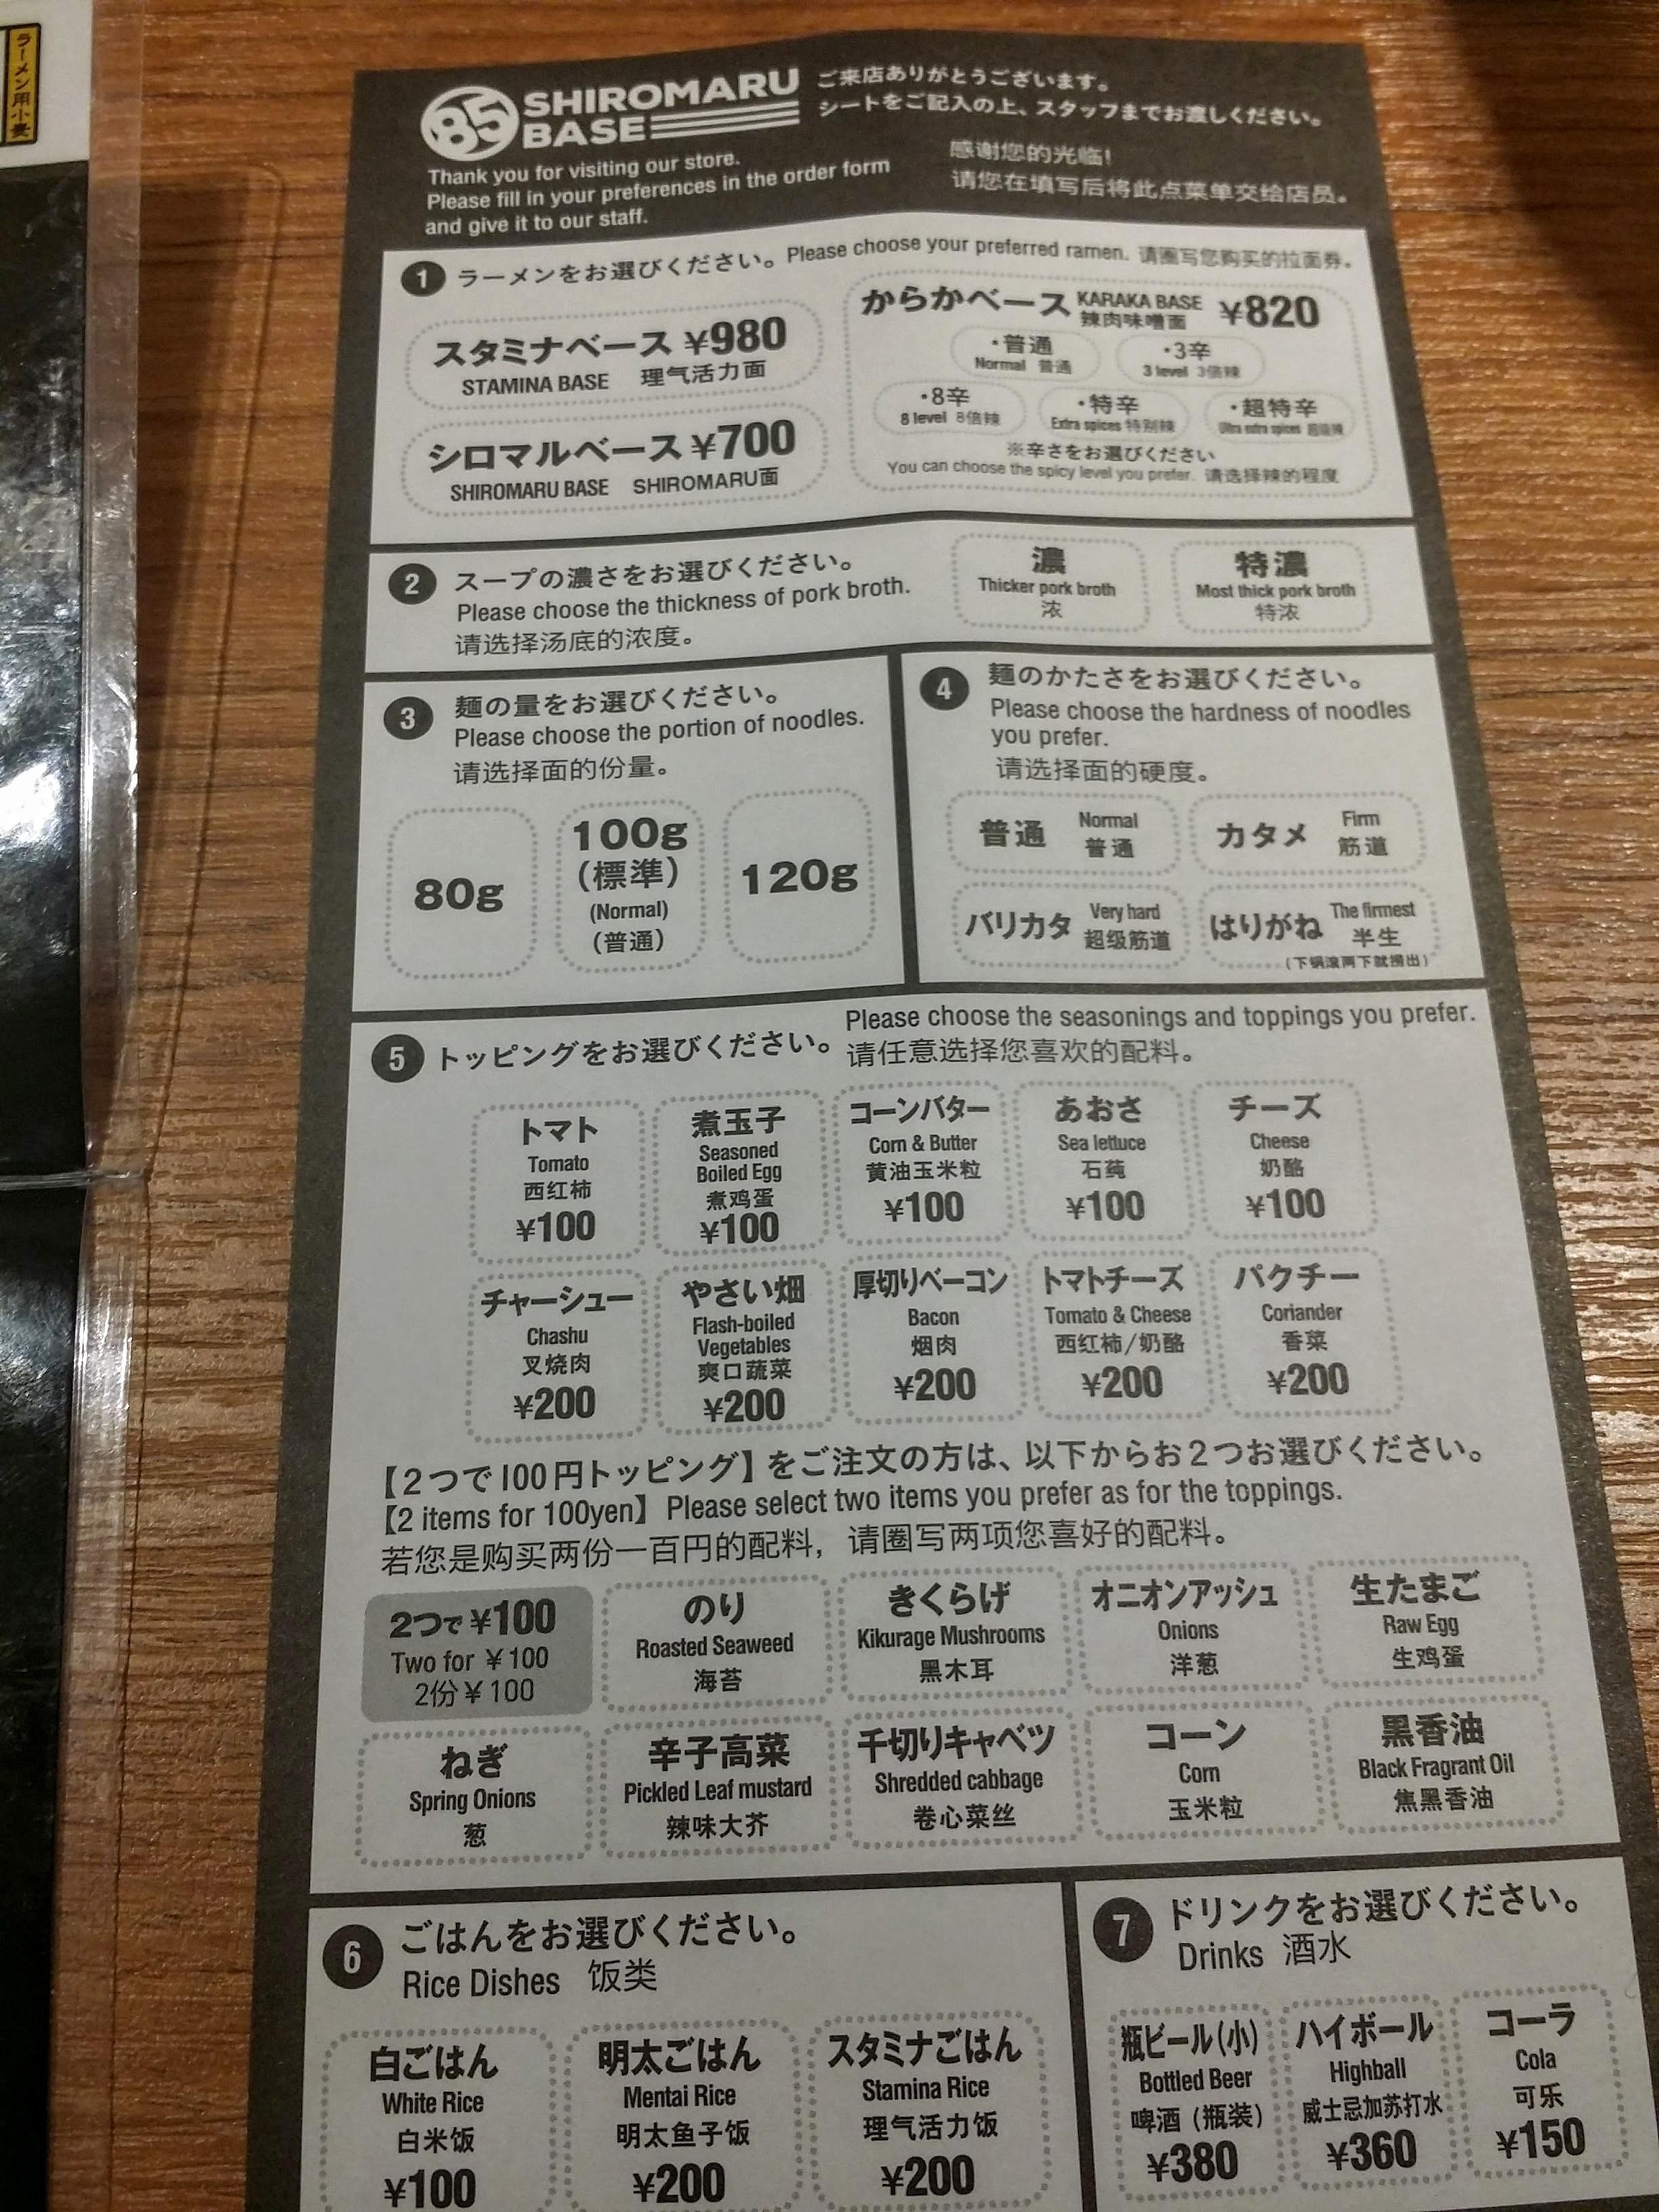 シロマルベース梅田3